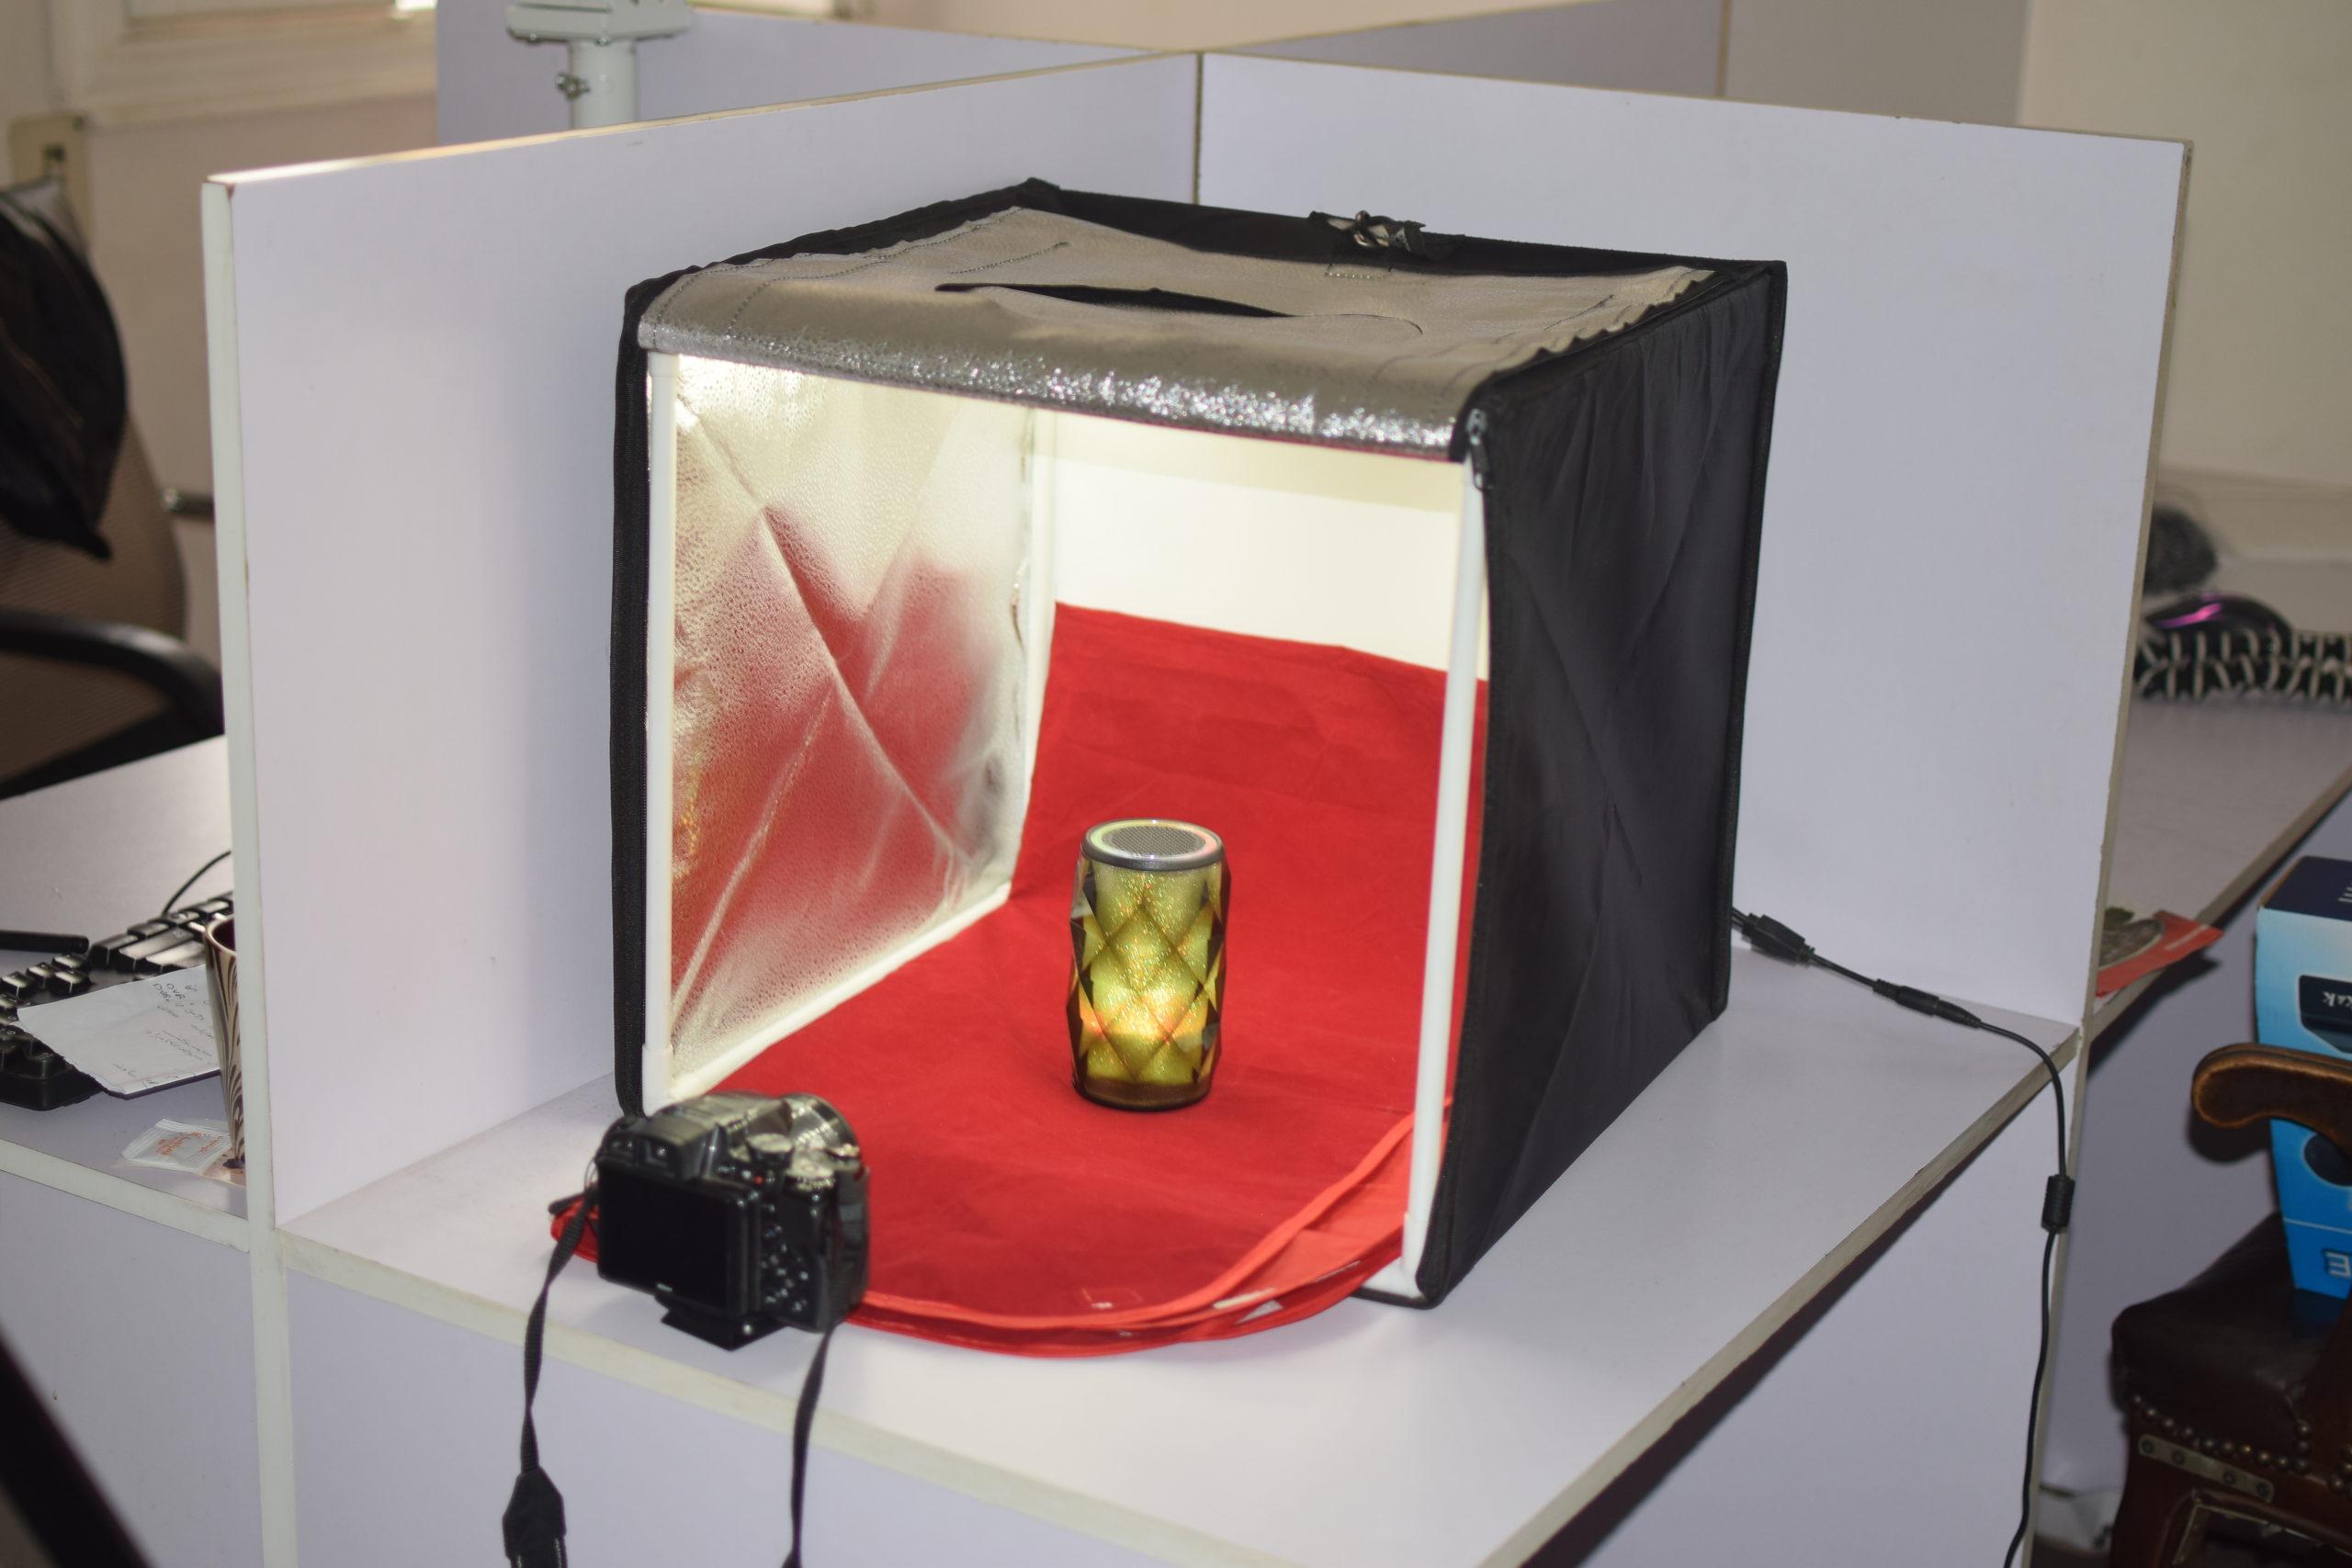 بوكس تصوير المنتجات Lightbox Studio 5 كل ما تريد معرفته عن بوكس تصوير المنتجات Lightbox Studio